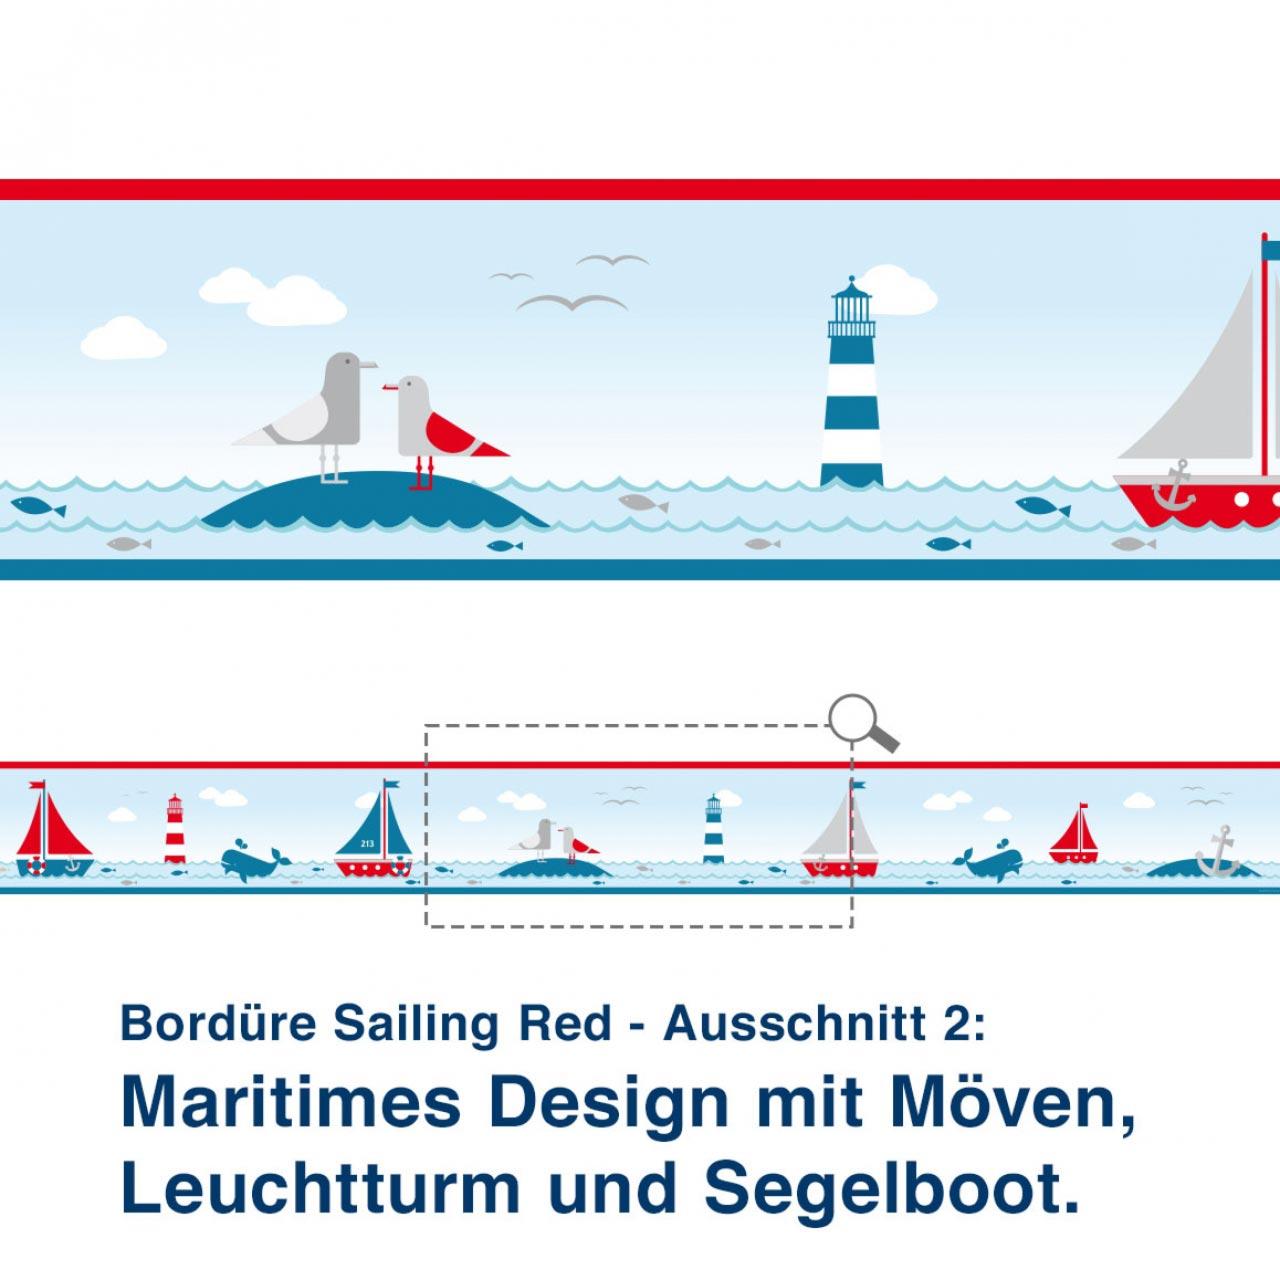 Bordüre Sailing Red - Ausschnitt 2:   Maritimes Design mit Möven, Leuchtturm und Segelboot.